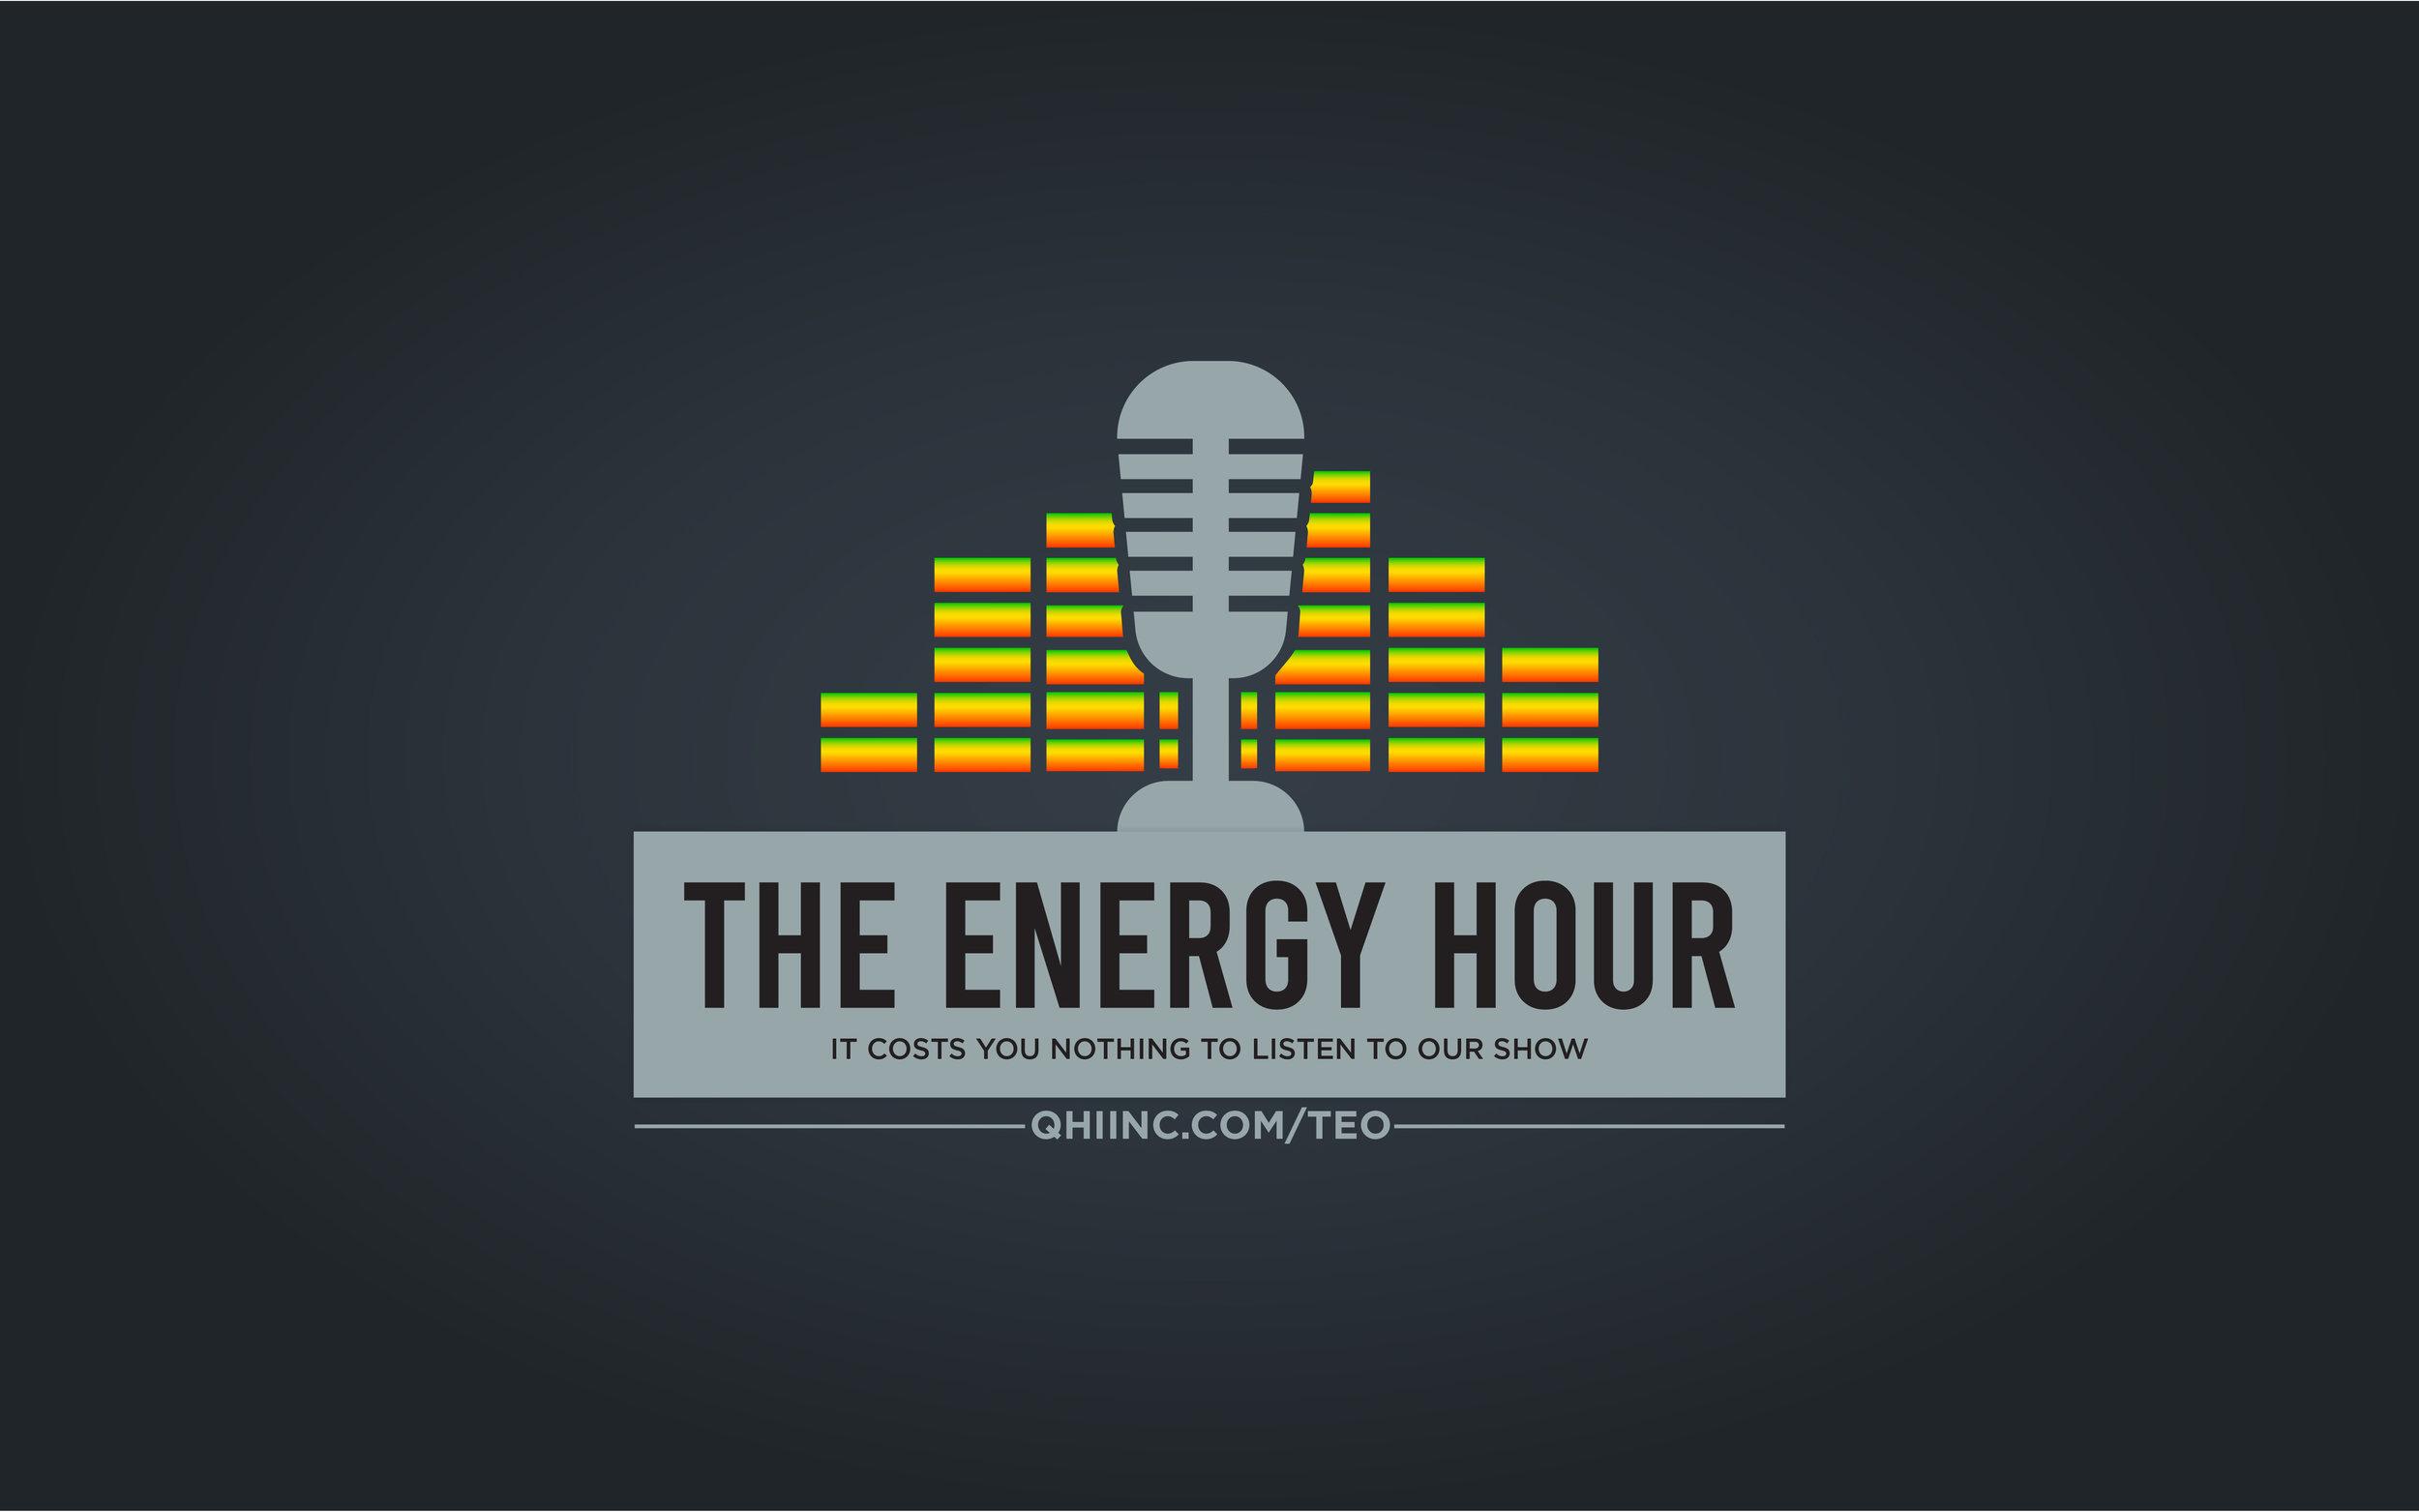 the-energy-hour-02.jpg